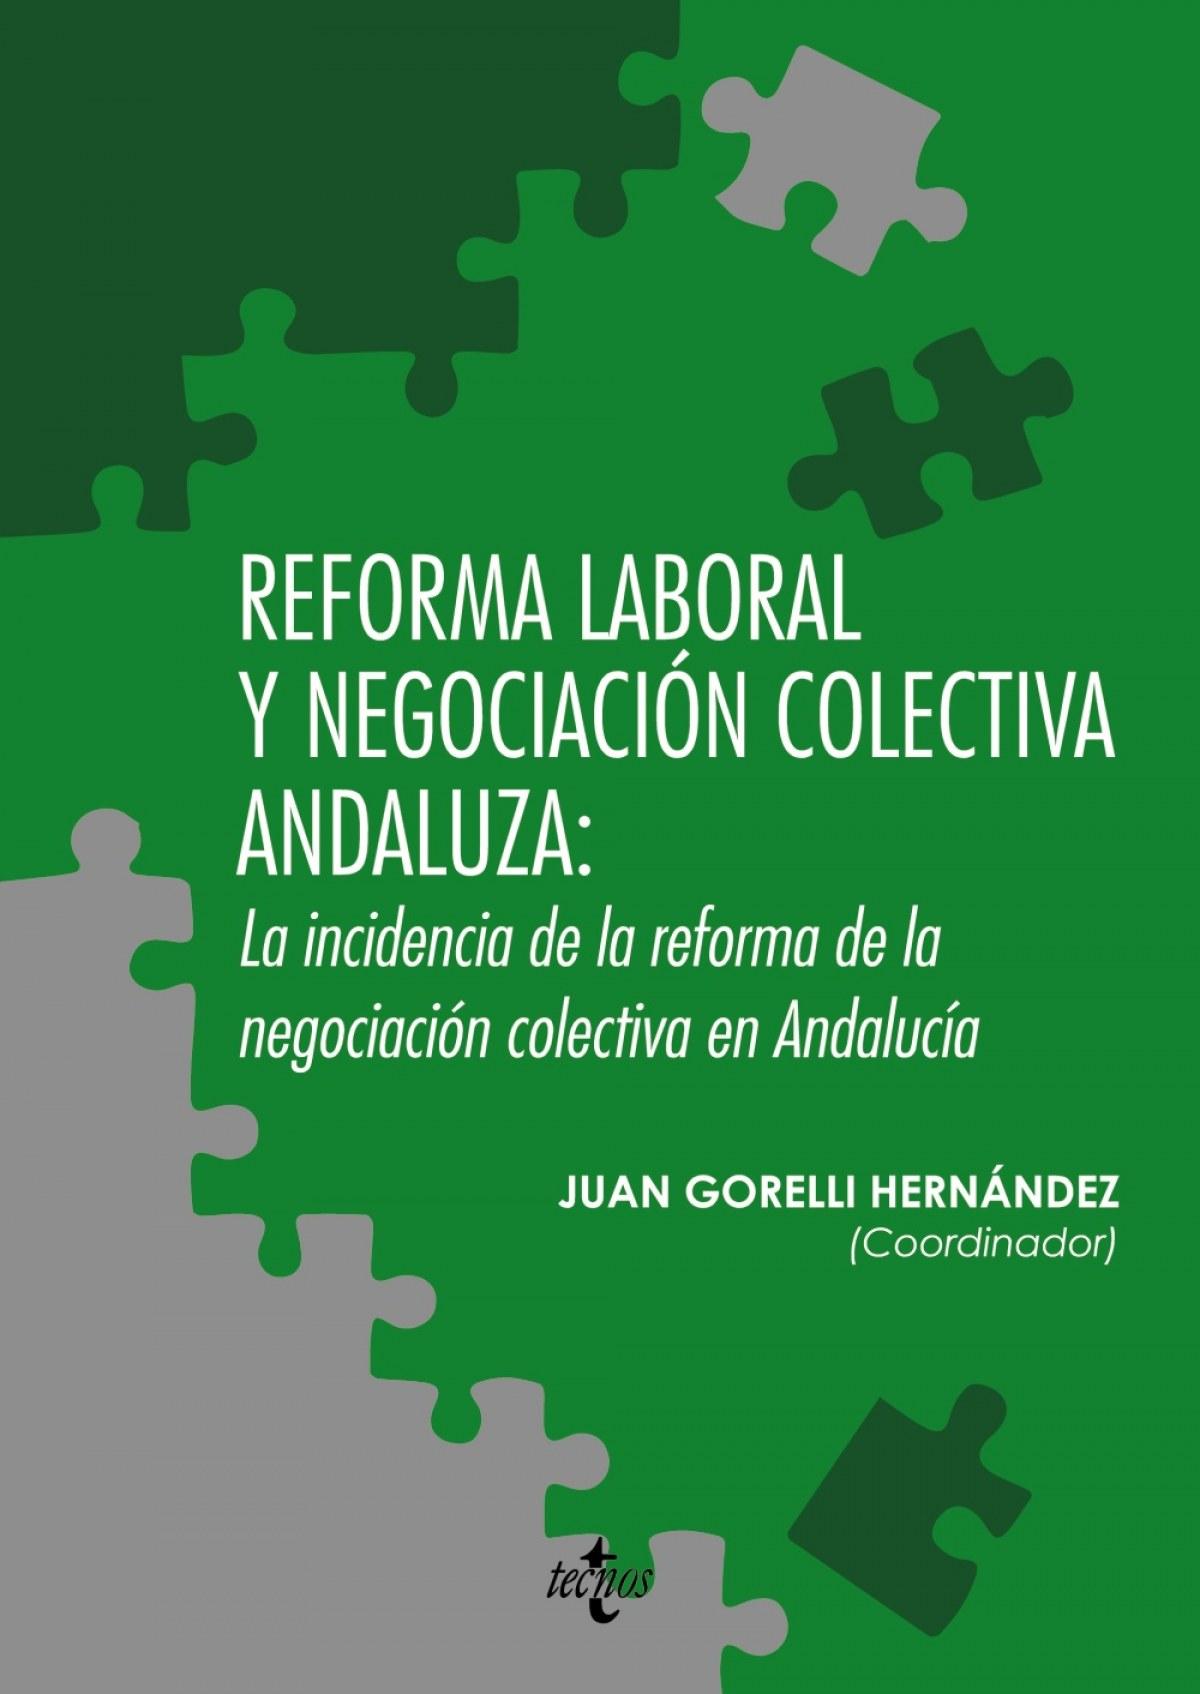 Reforma laboral y negociación colectiva Andaluza